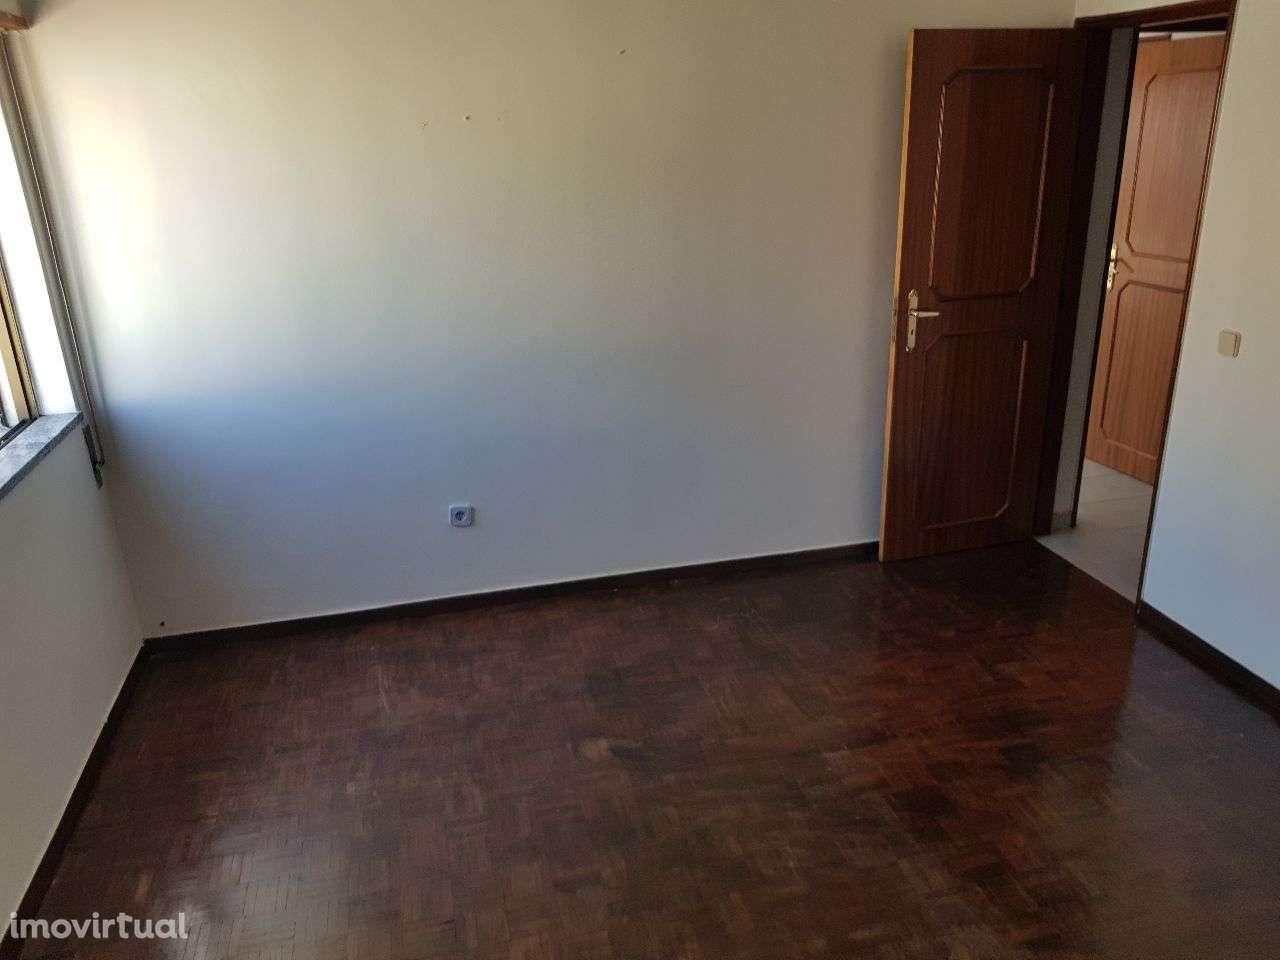 Apartamento para arrendar, Santarém (Marvila), Santa Iria da Ribeira de Santarém, Santarém (São Salvador) e Santarém (São Nicolau), Santarém - Foto 9